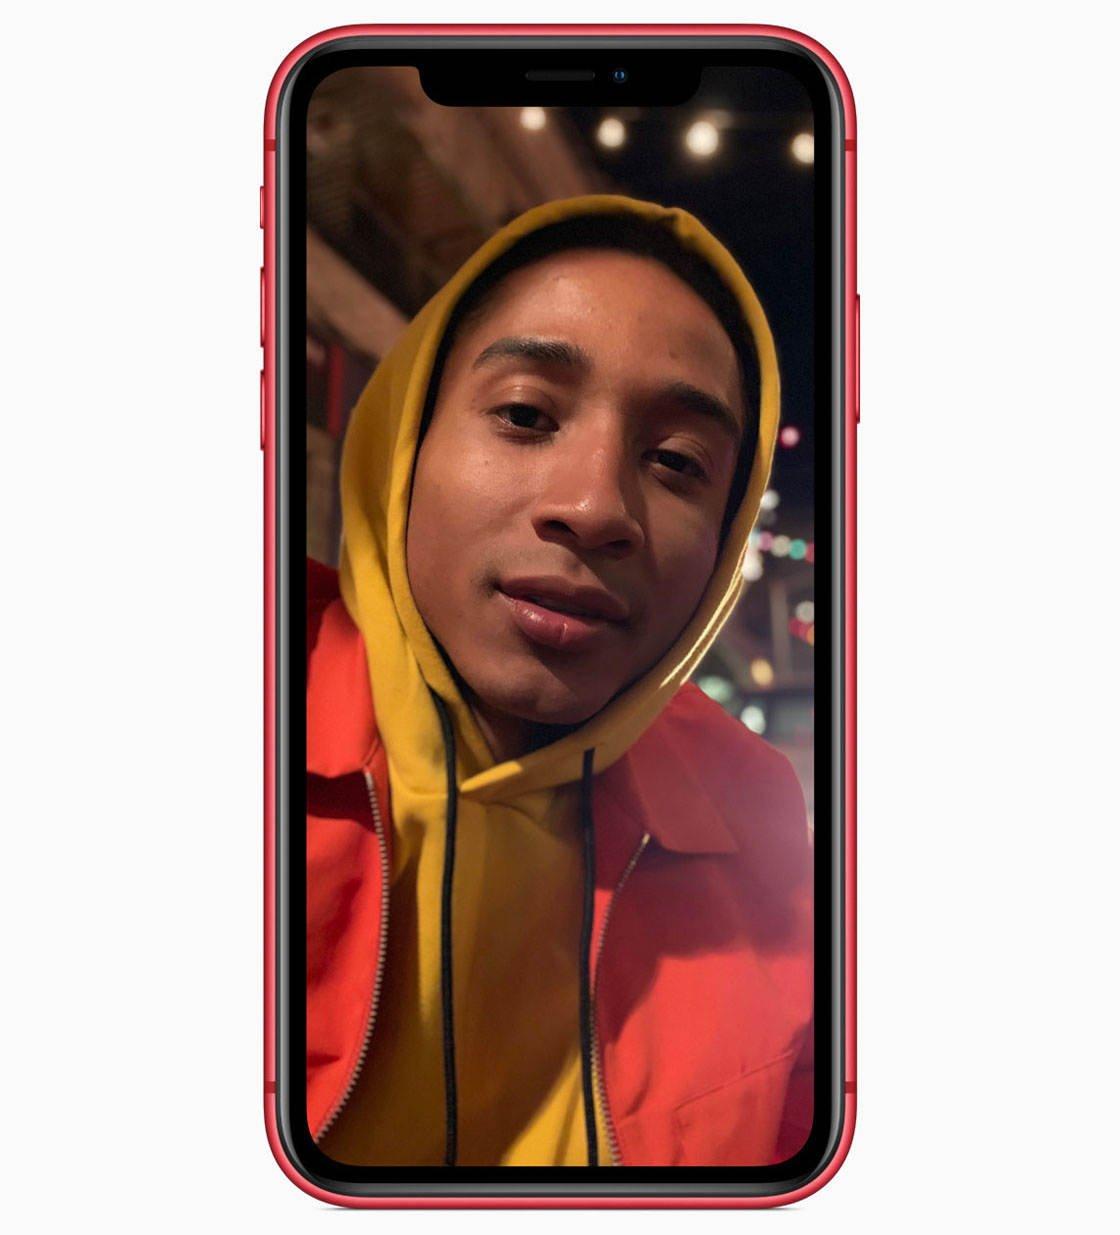 Iphone xr camera 8 no script